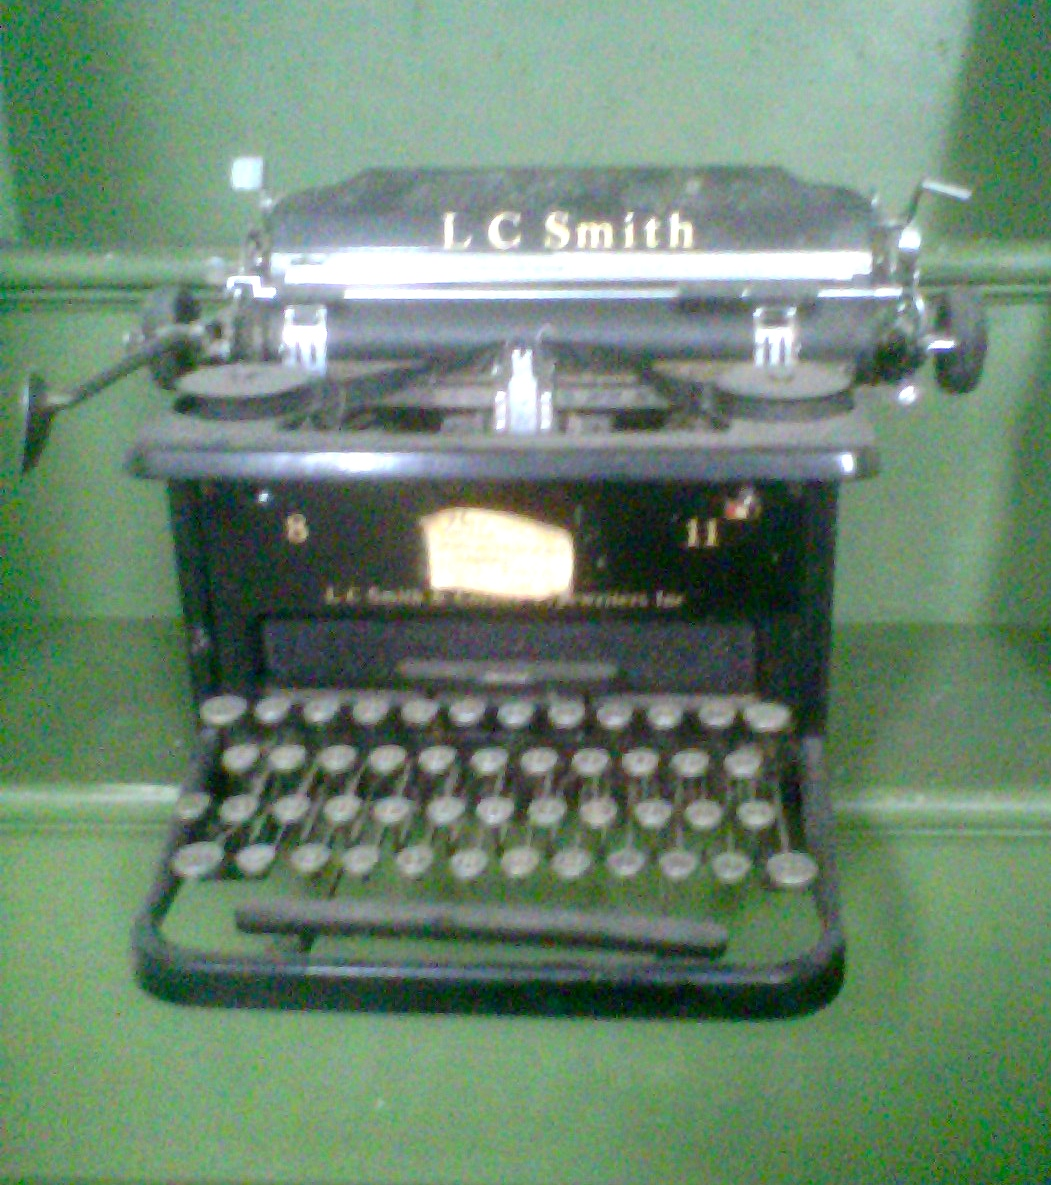 My First Interviews Were Written on this Typewriter